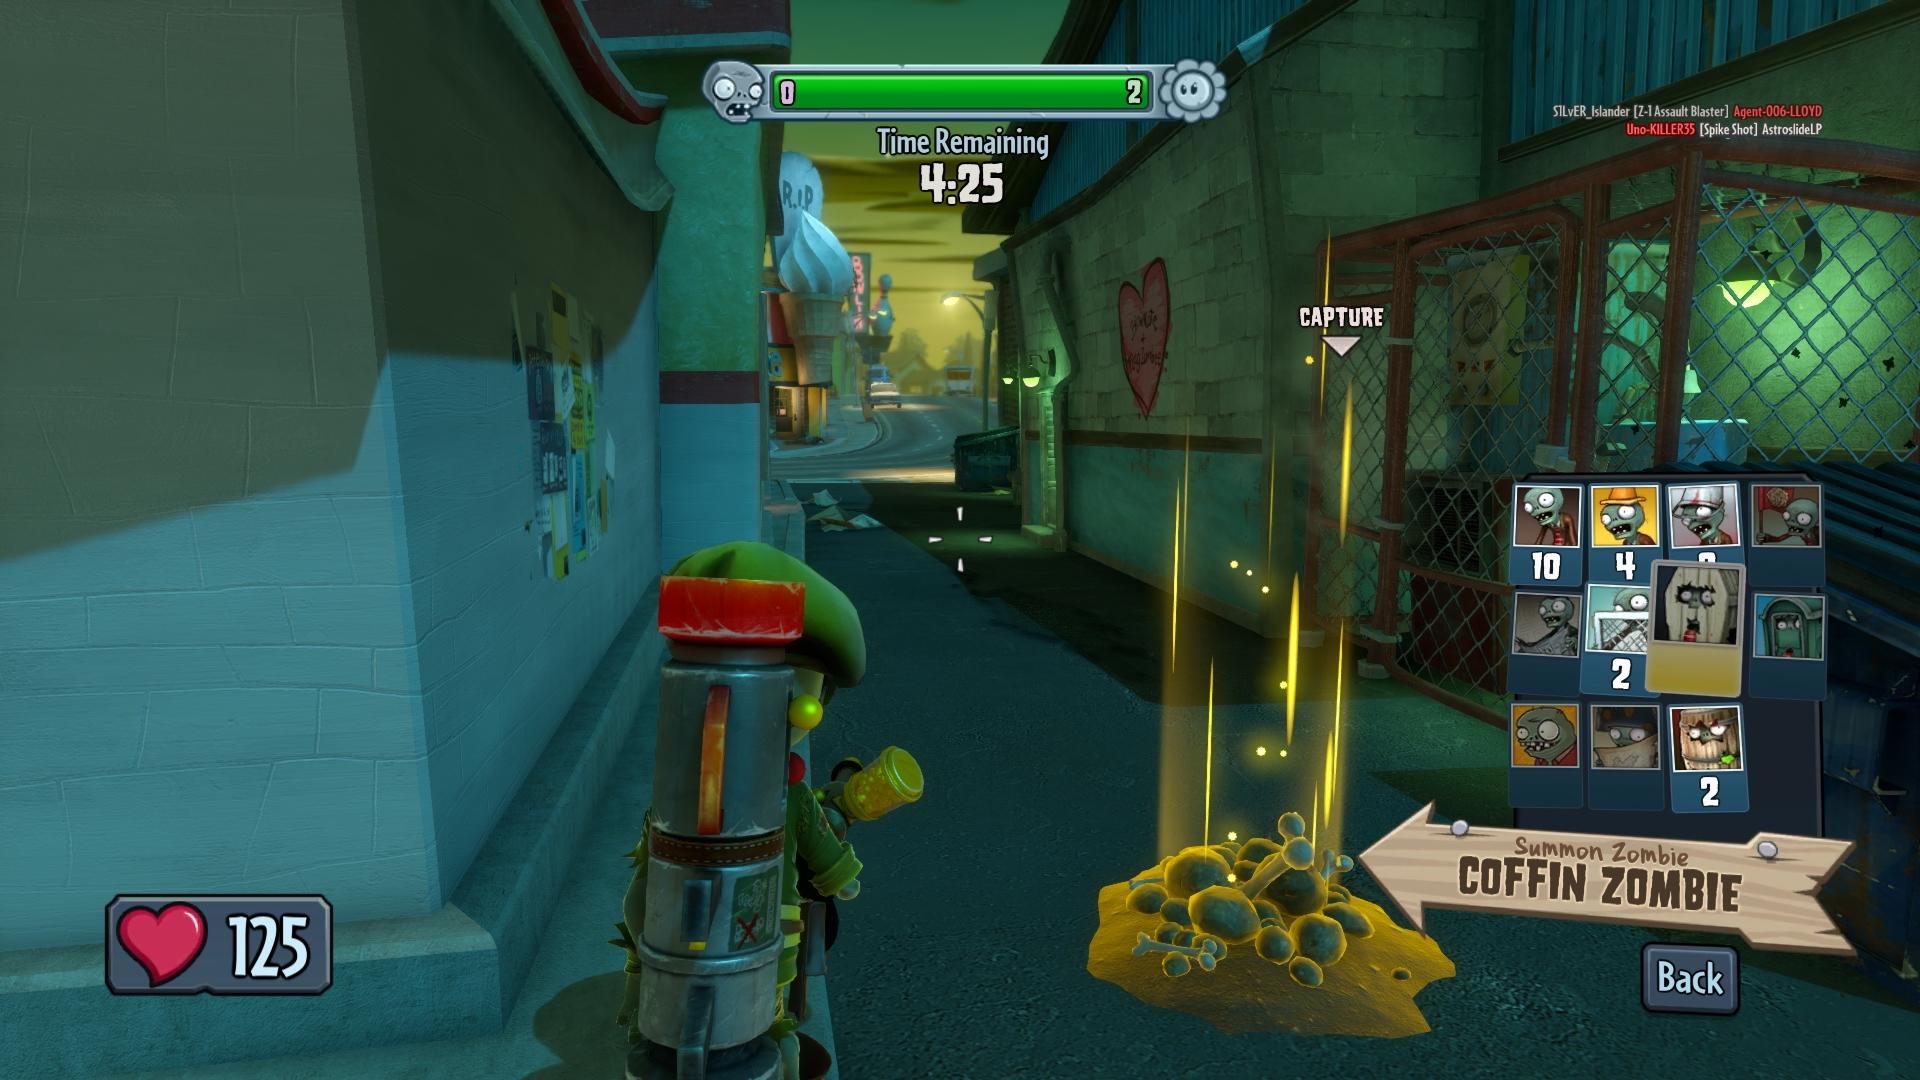 скачать игру растения против зомби садовая война 2 через торрент на пк